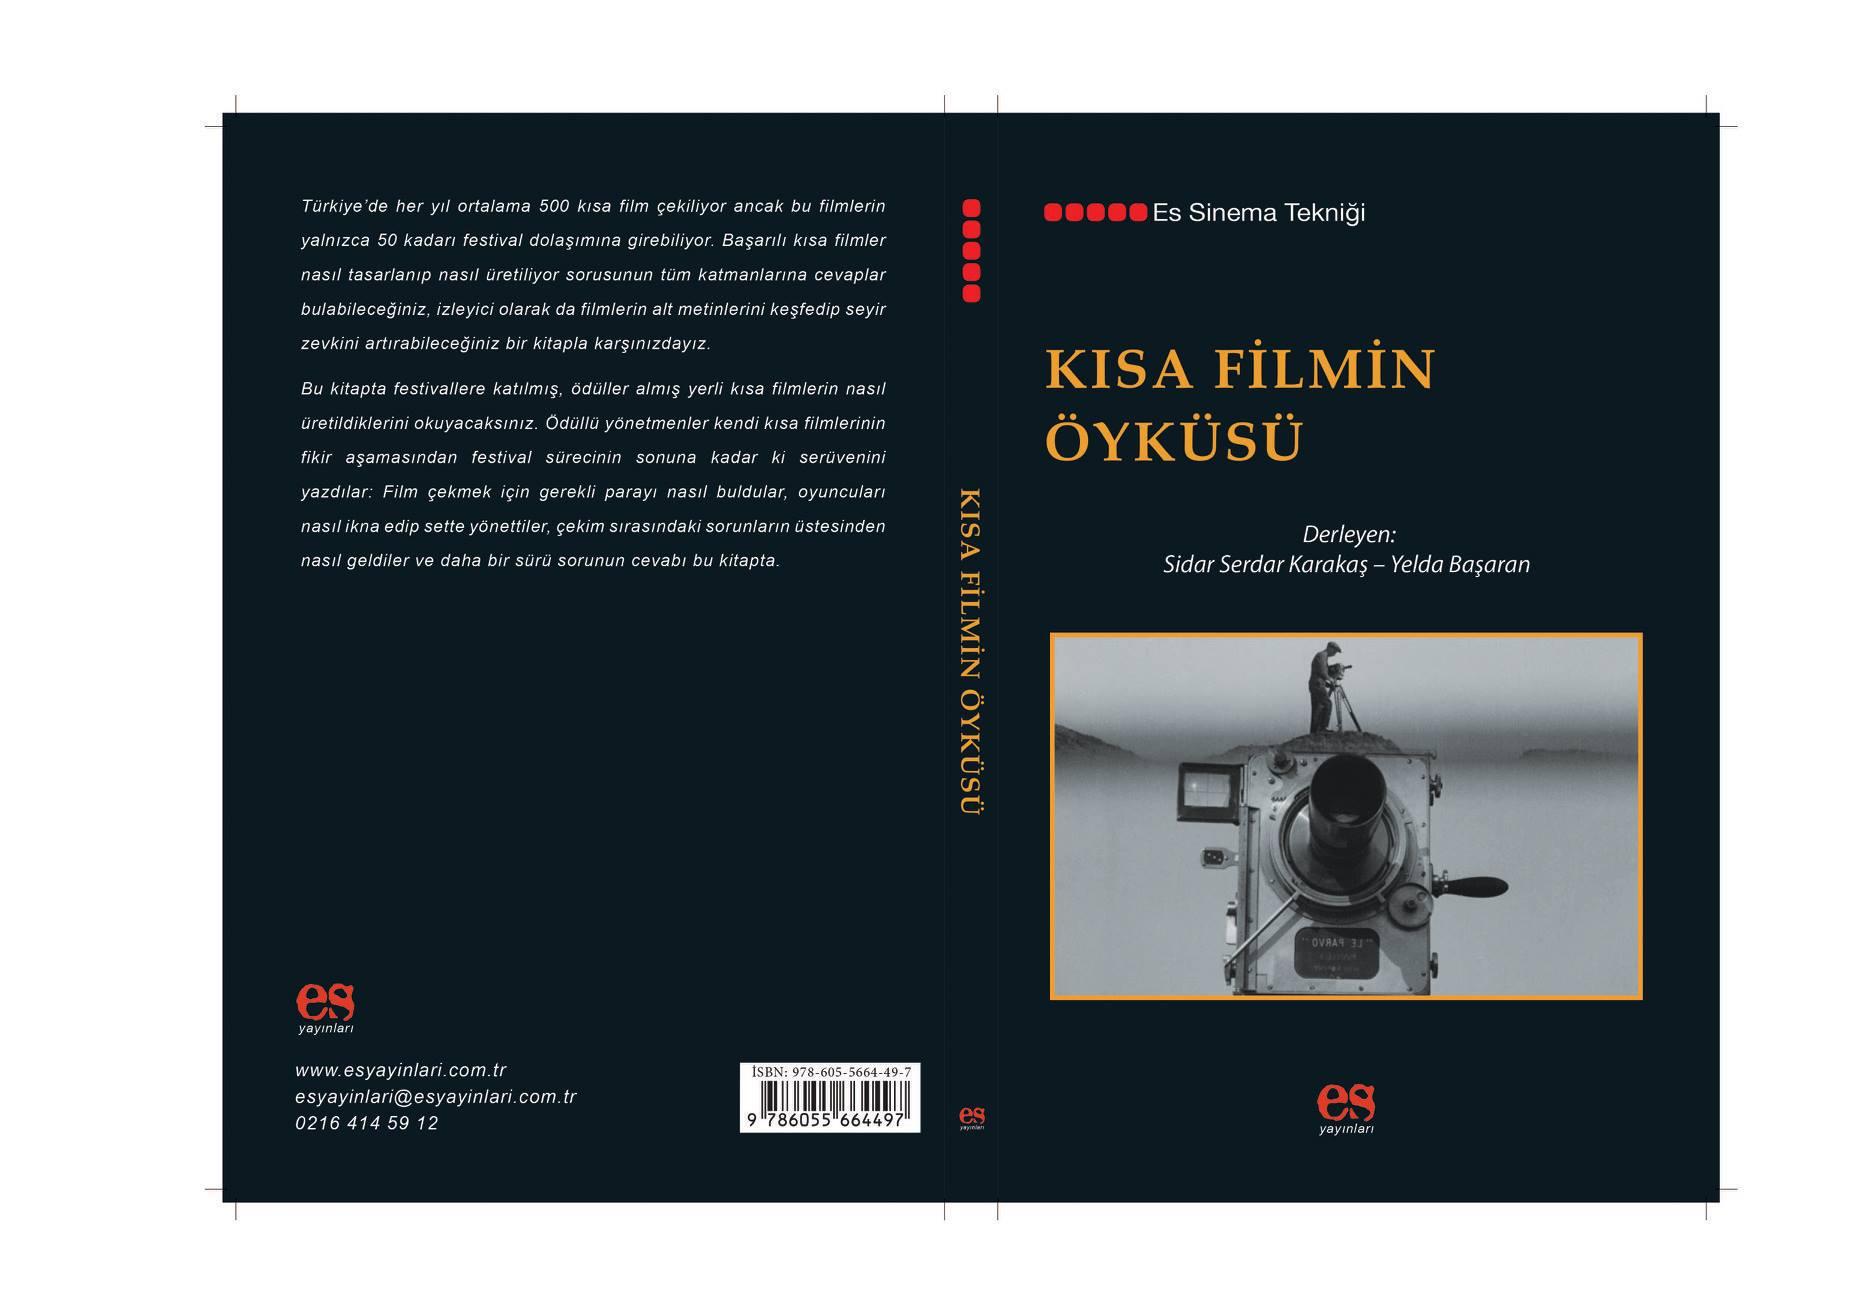 Kısa Filmin Öyküsü - 1